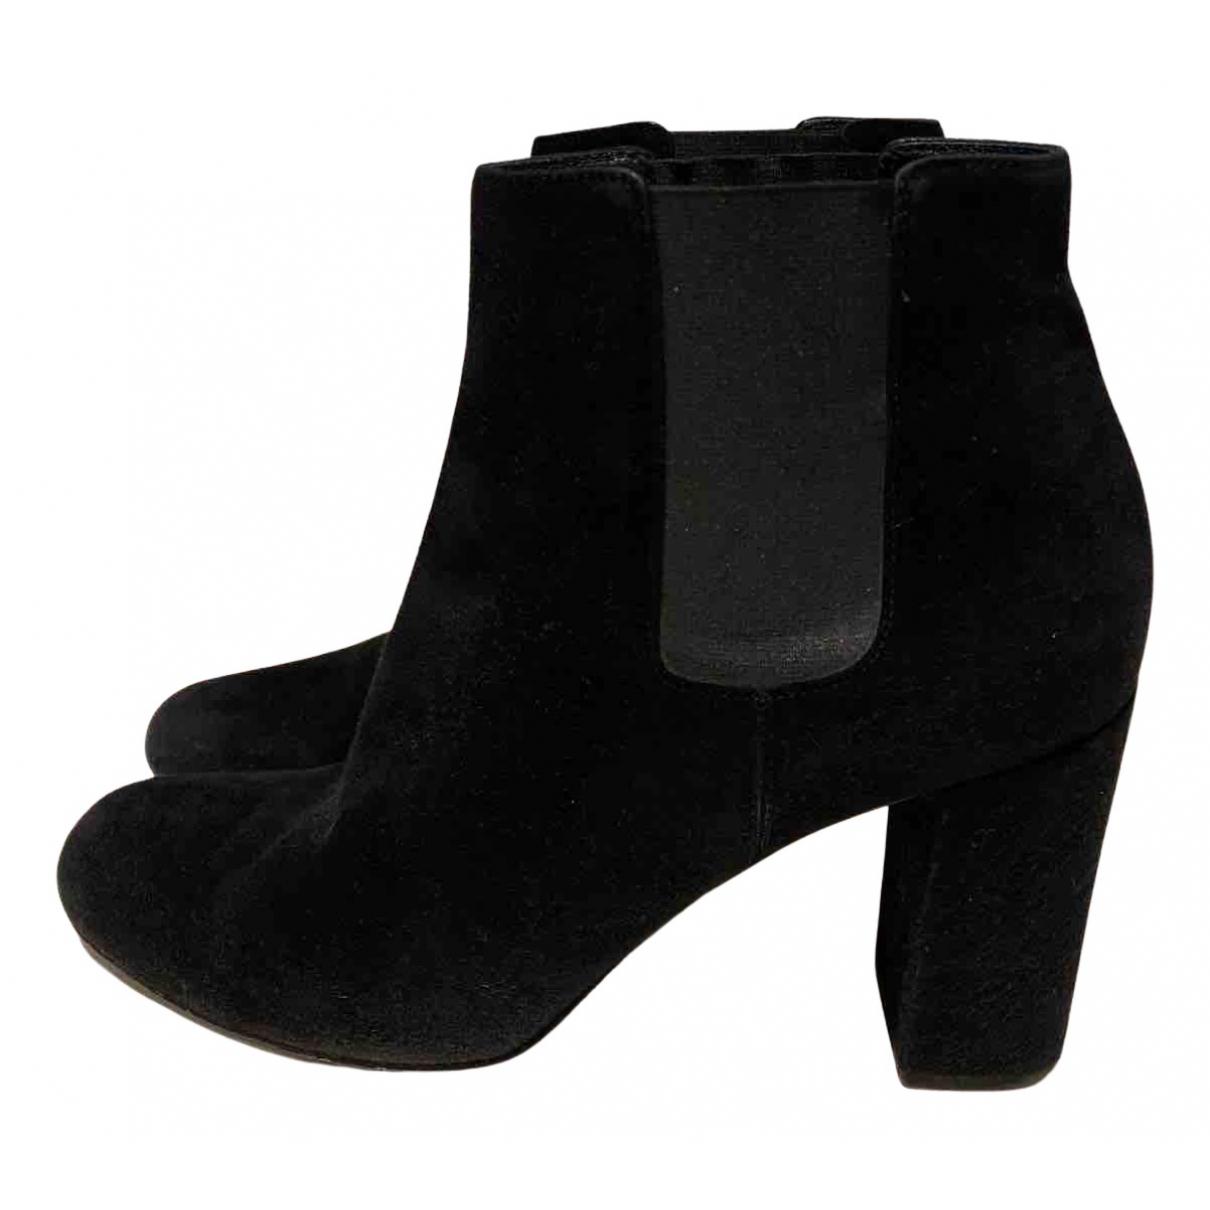 Saint Laurent N Black Suede Boots for Women 41 EU